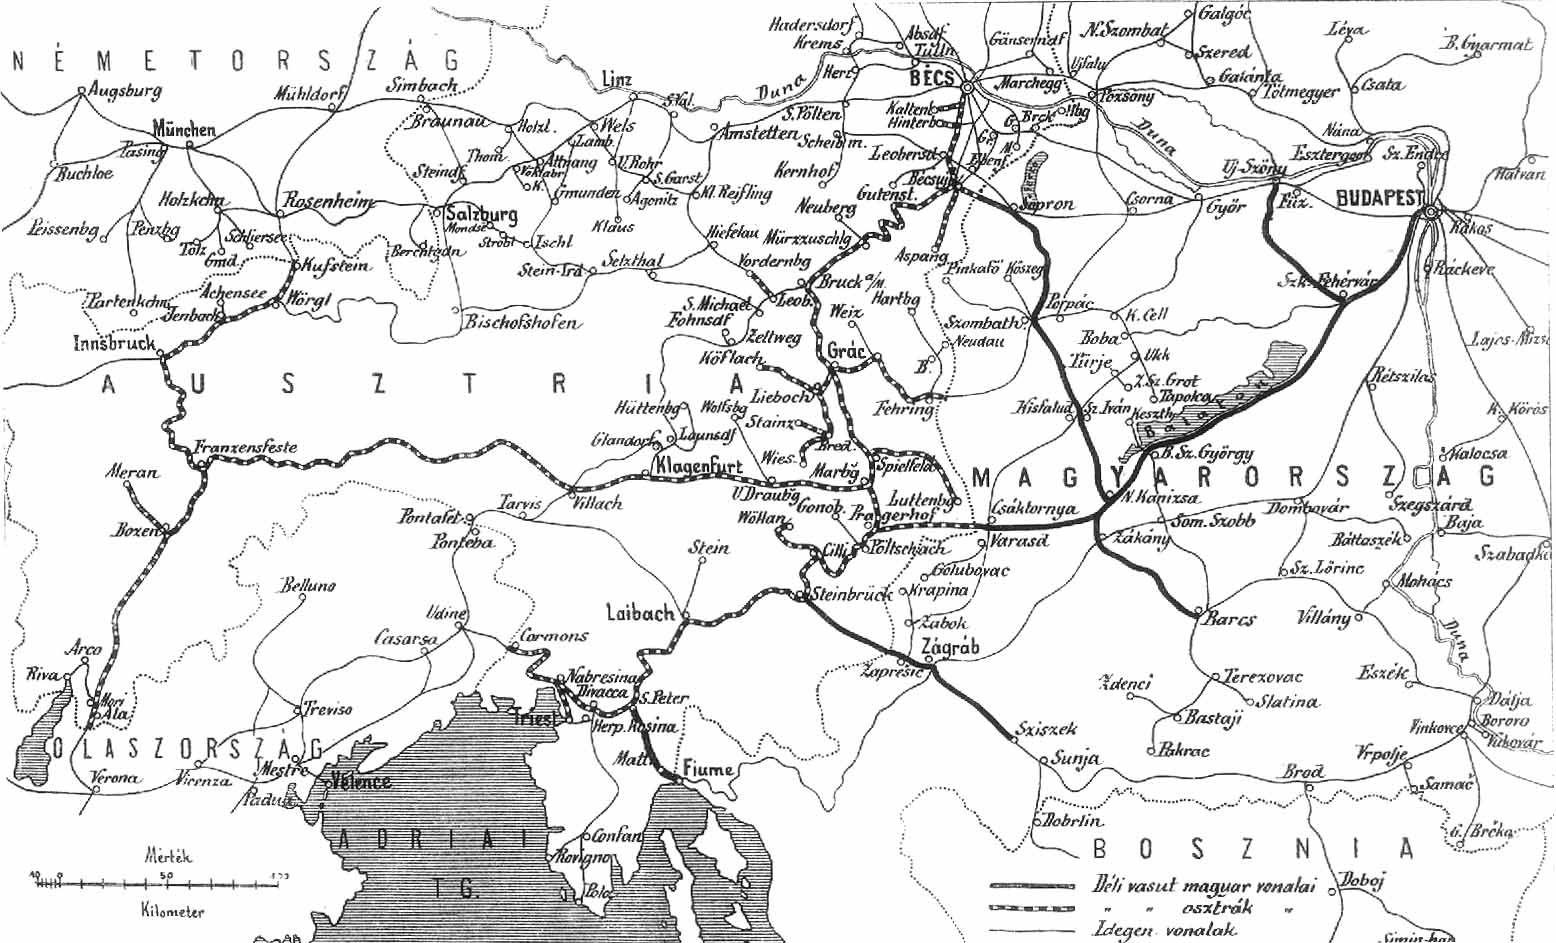 vasúti térkép ausztria 109 sor. gőzmozdony vasúti térkép ausztria